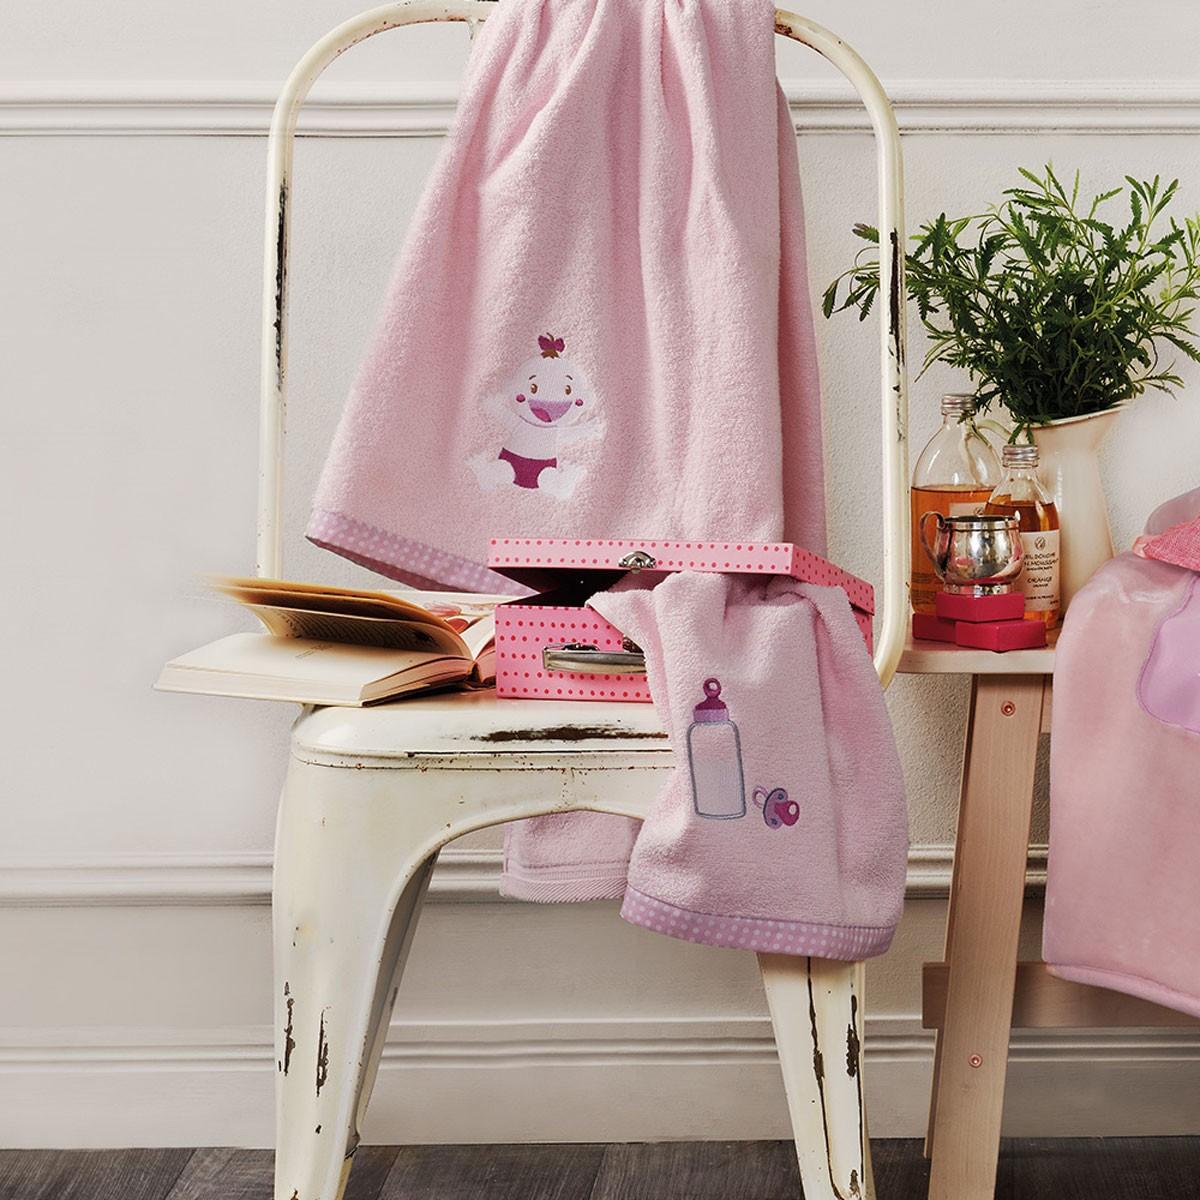 Βρεφικές Πετσέτες (Σετ 2τμχ) Kentia Baby Sweet Baby 14